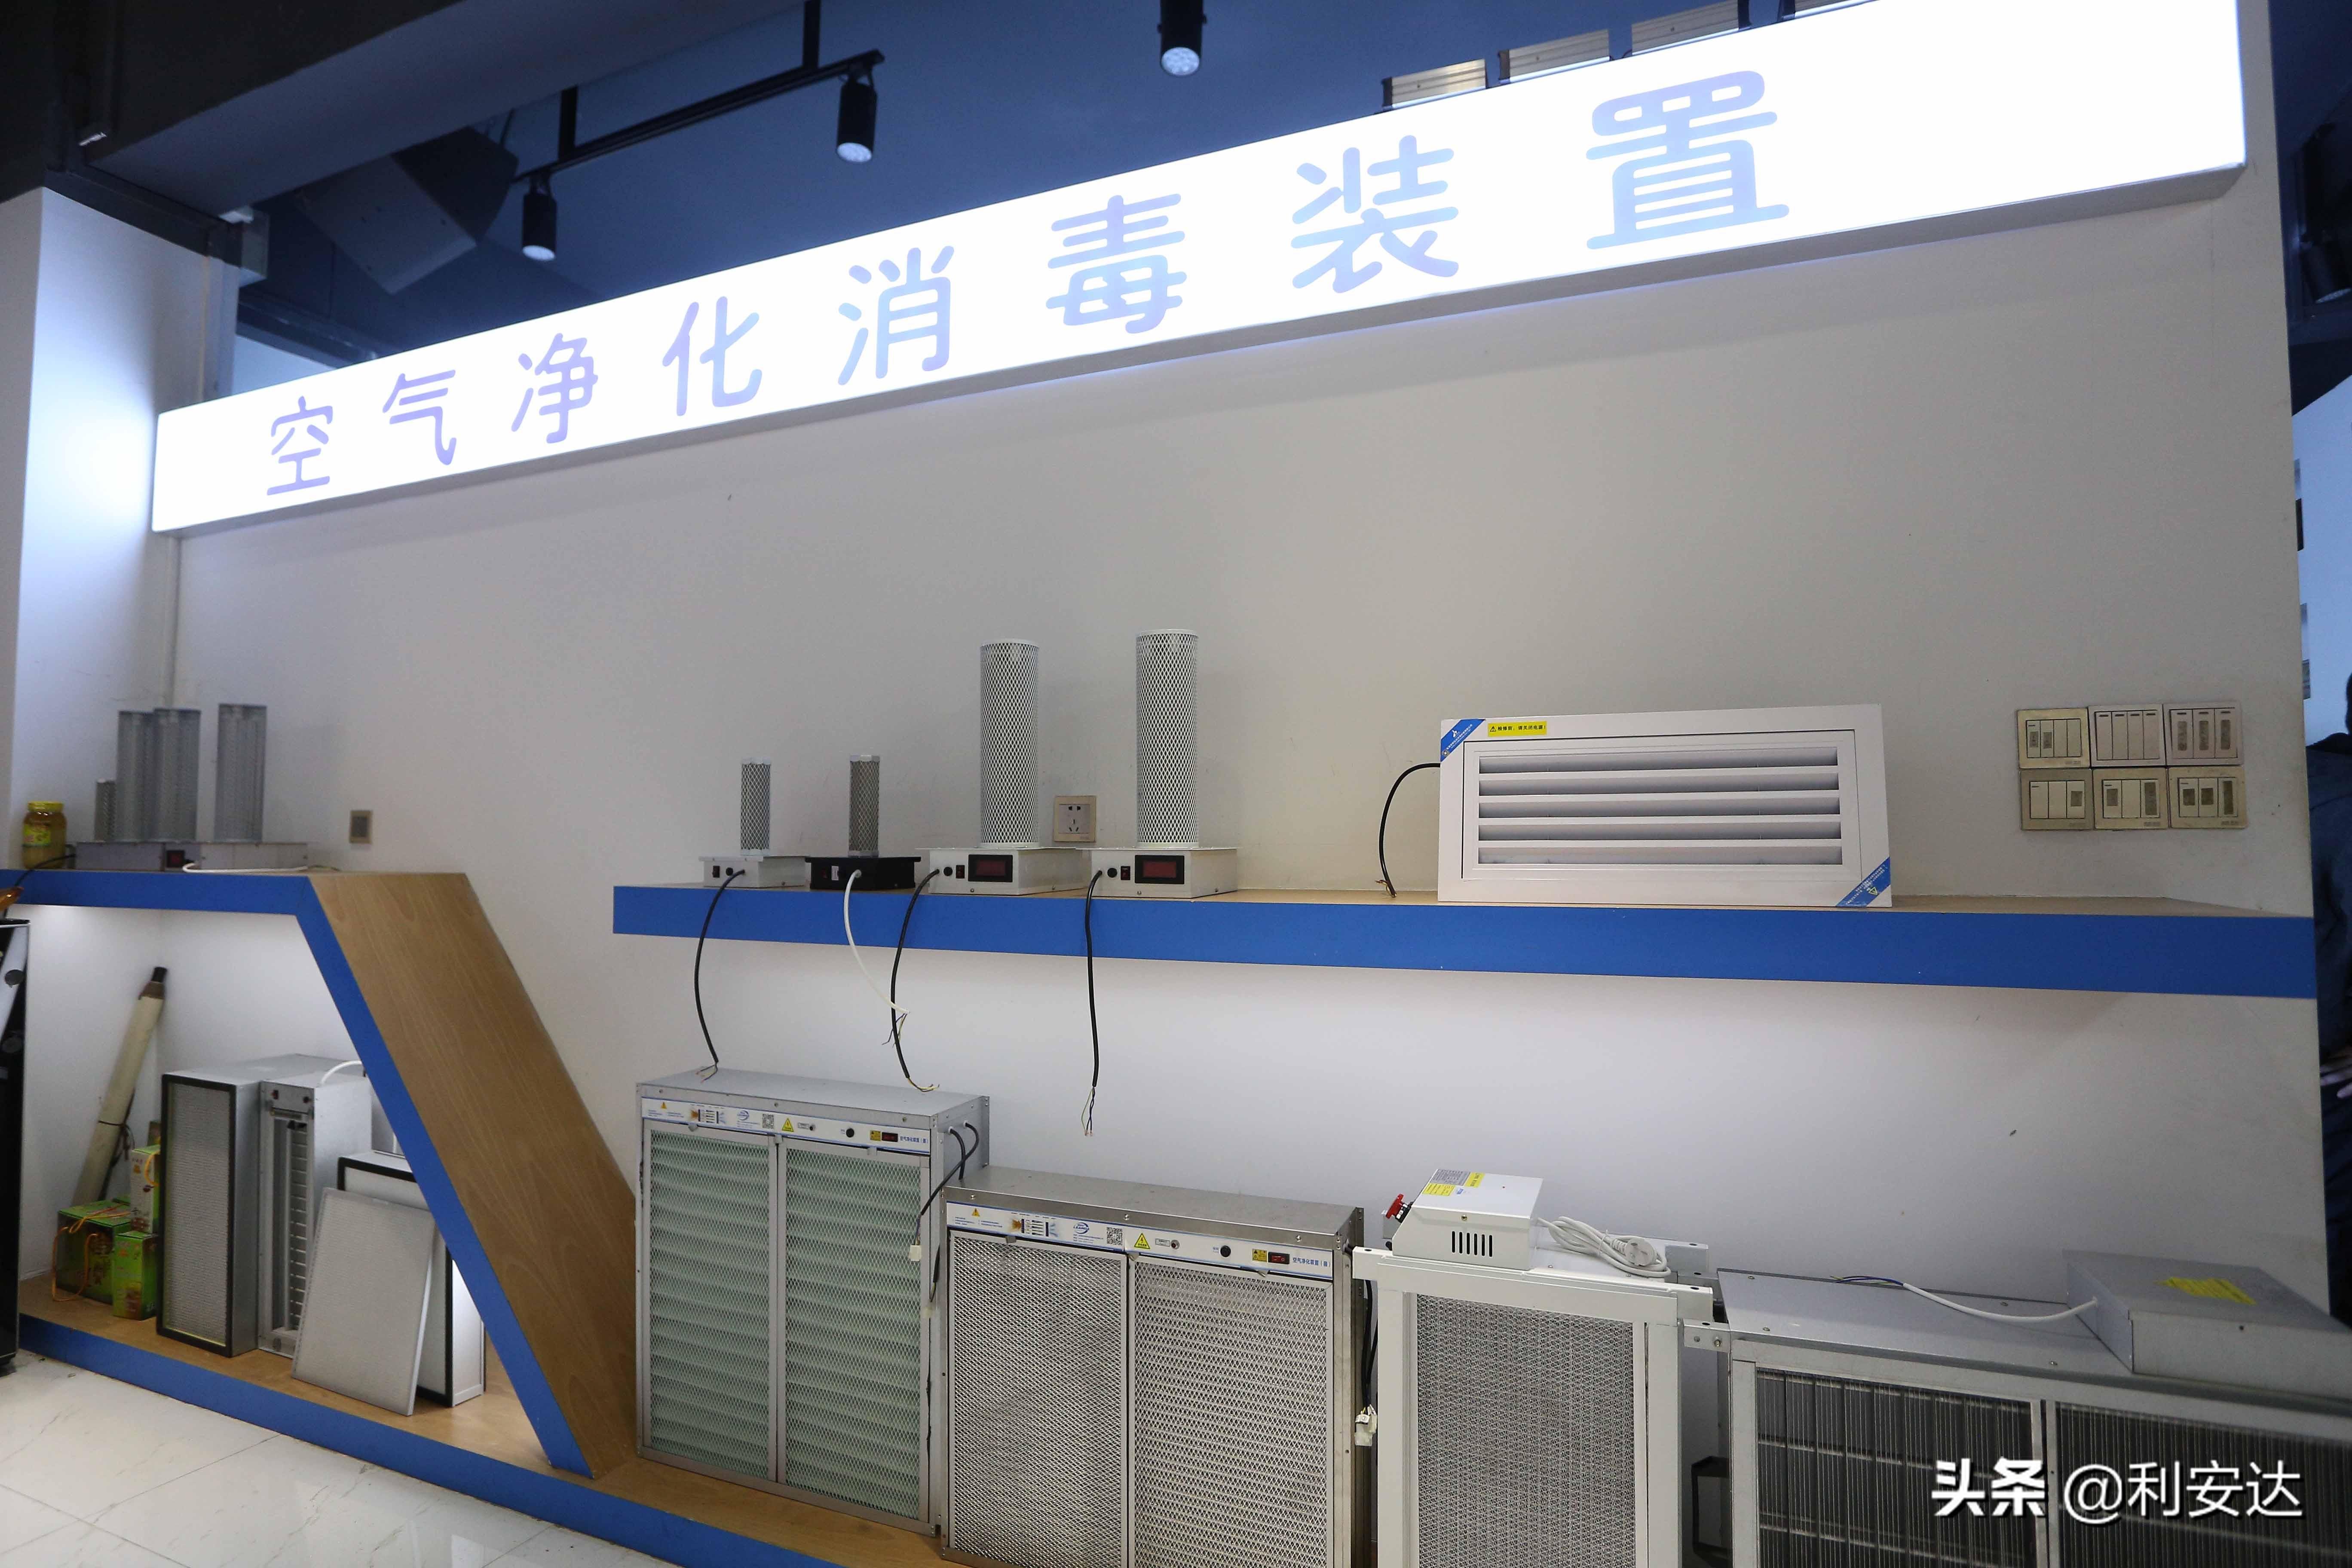 双节间防疫意识不能忘,公共场所空调通风系统应配备消毒装置